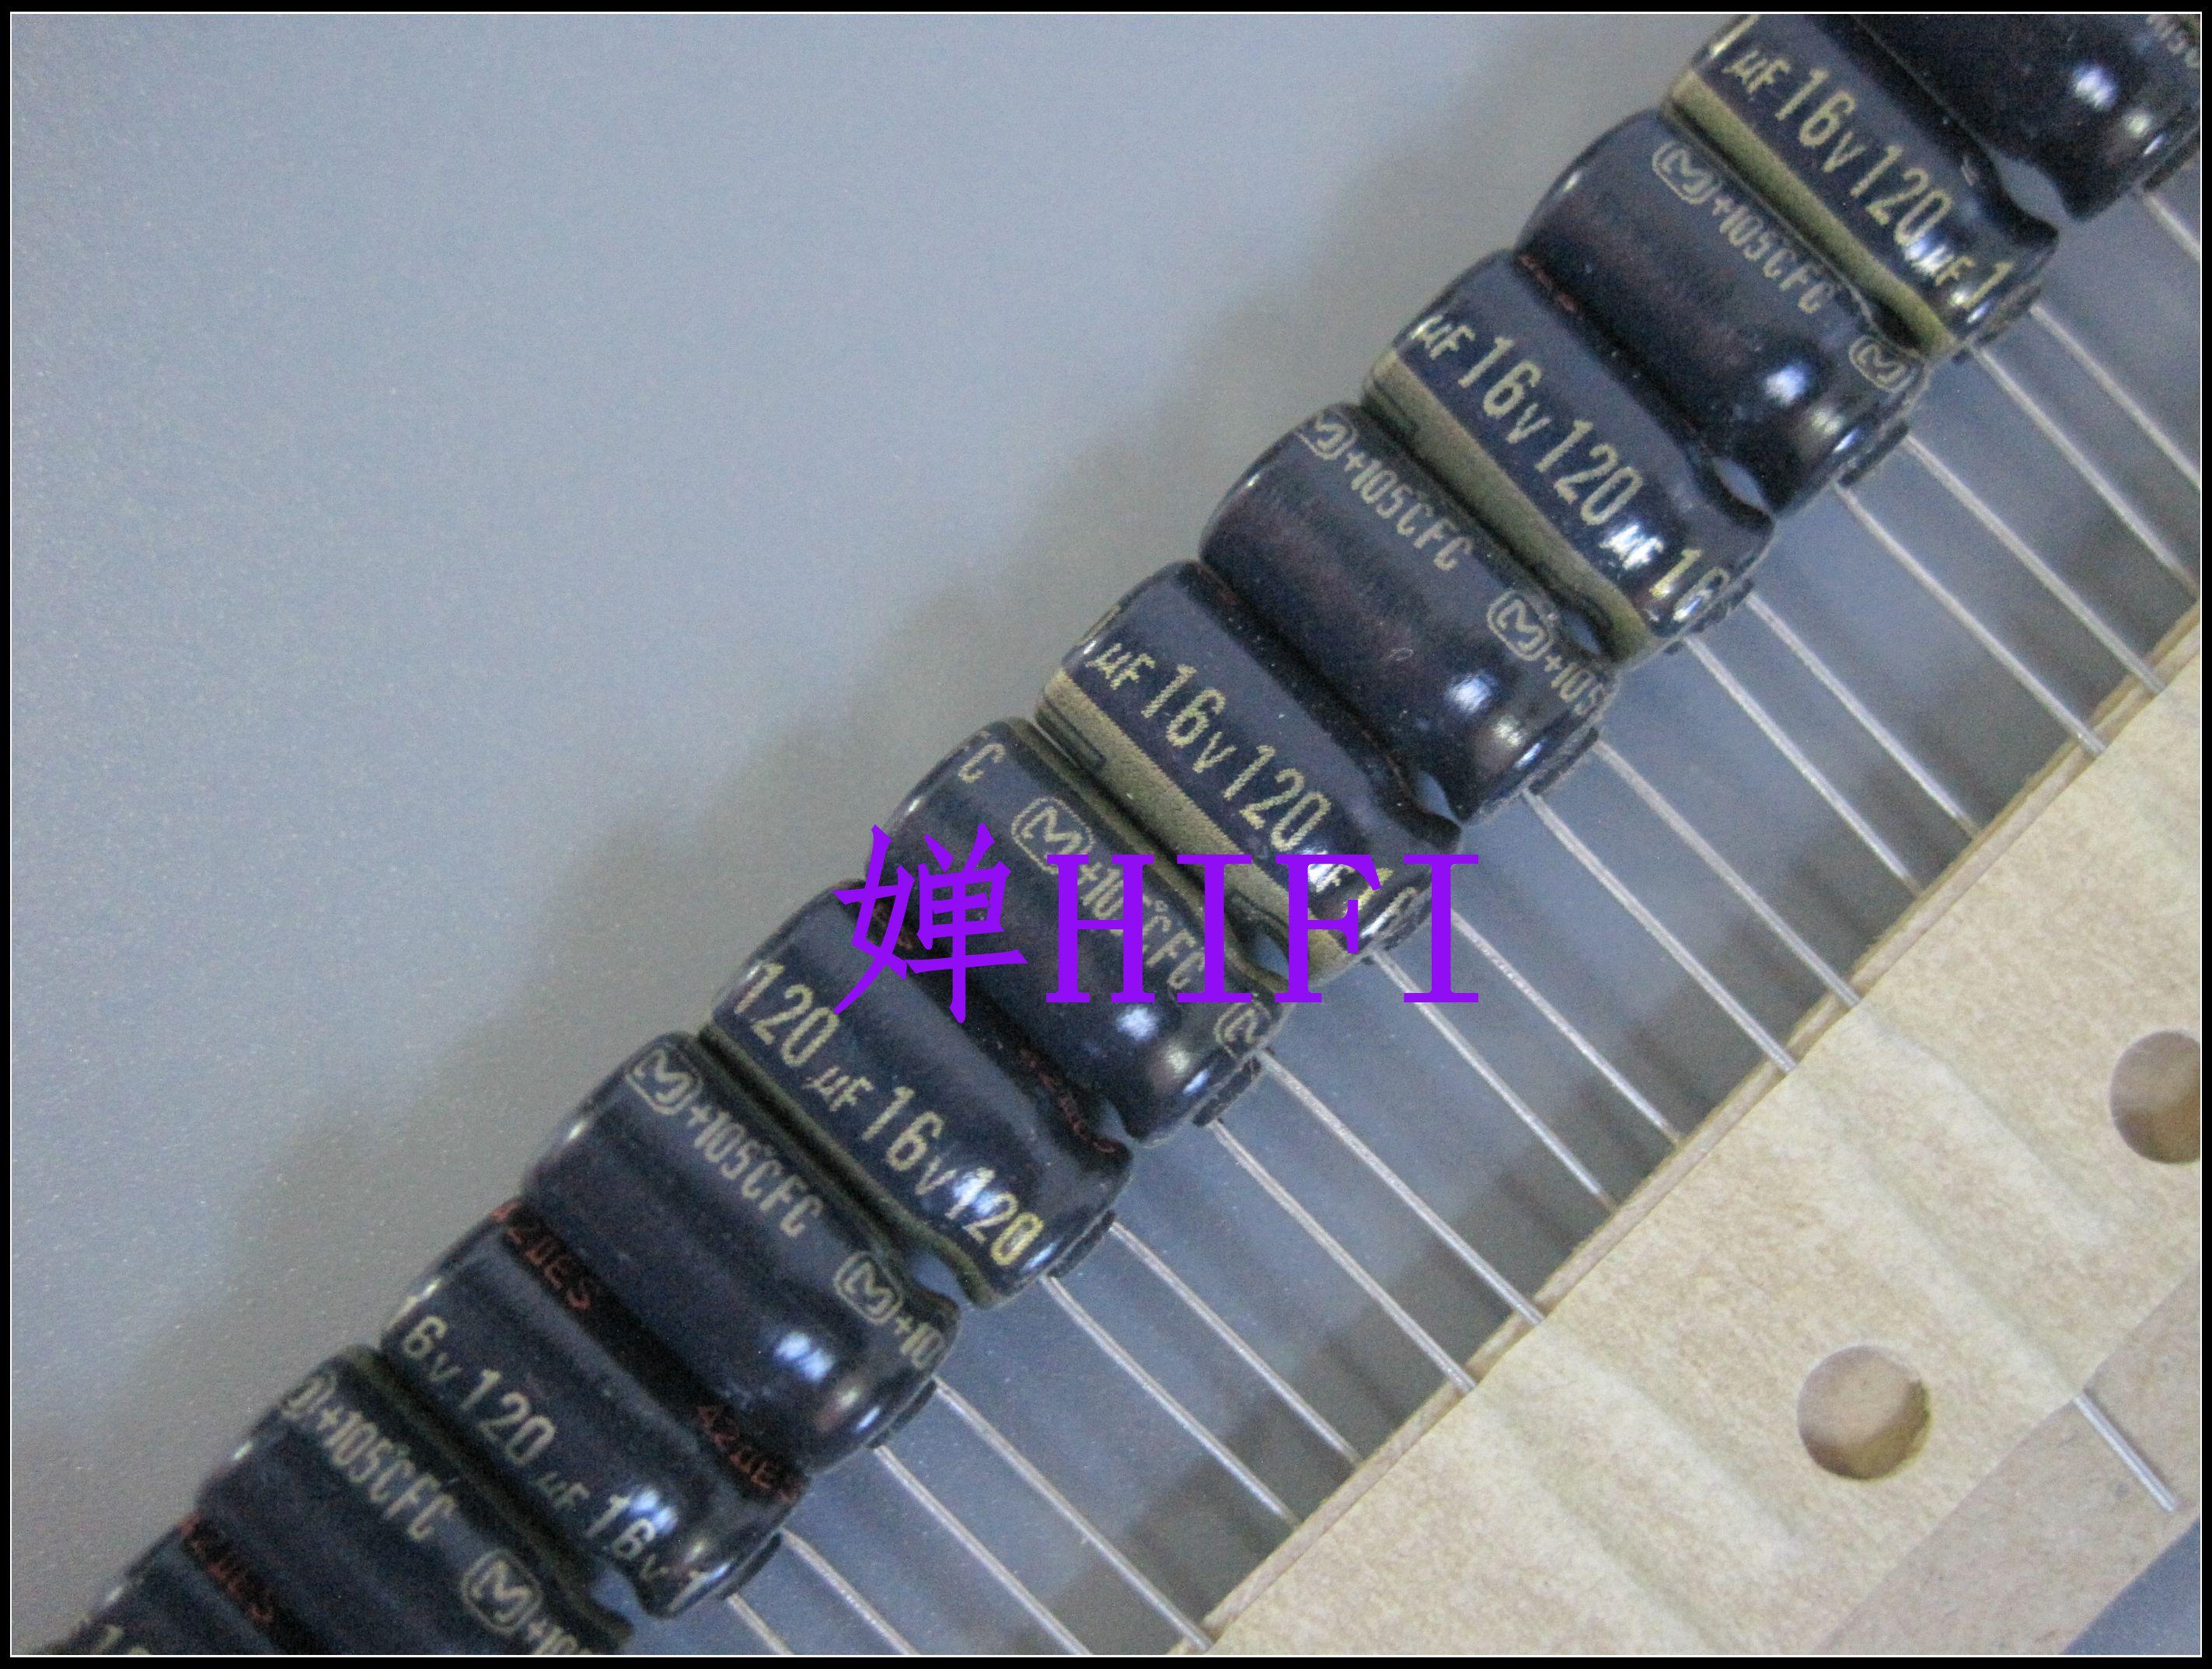 50pcs New Matsushita FC 16V120UF 6.3X11MM 120UF 16V Audio Electrolytic Capacitor 120uF/16V Gold Word